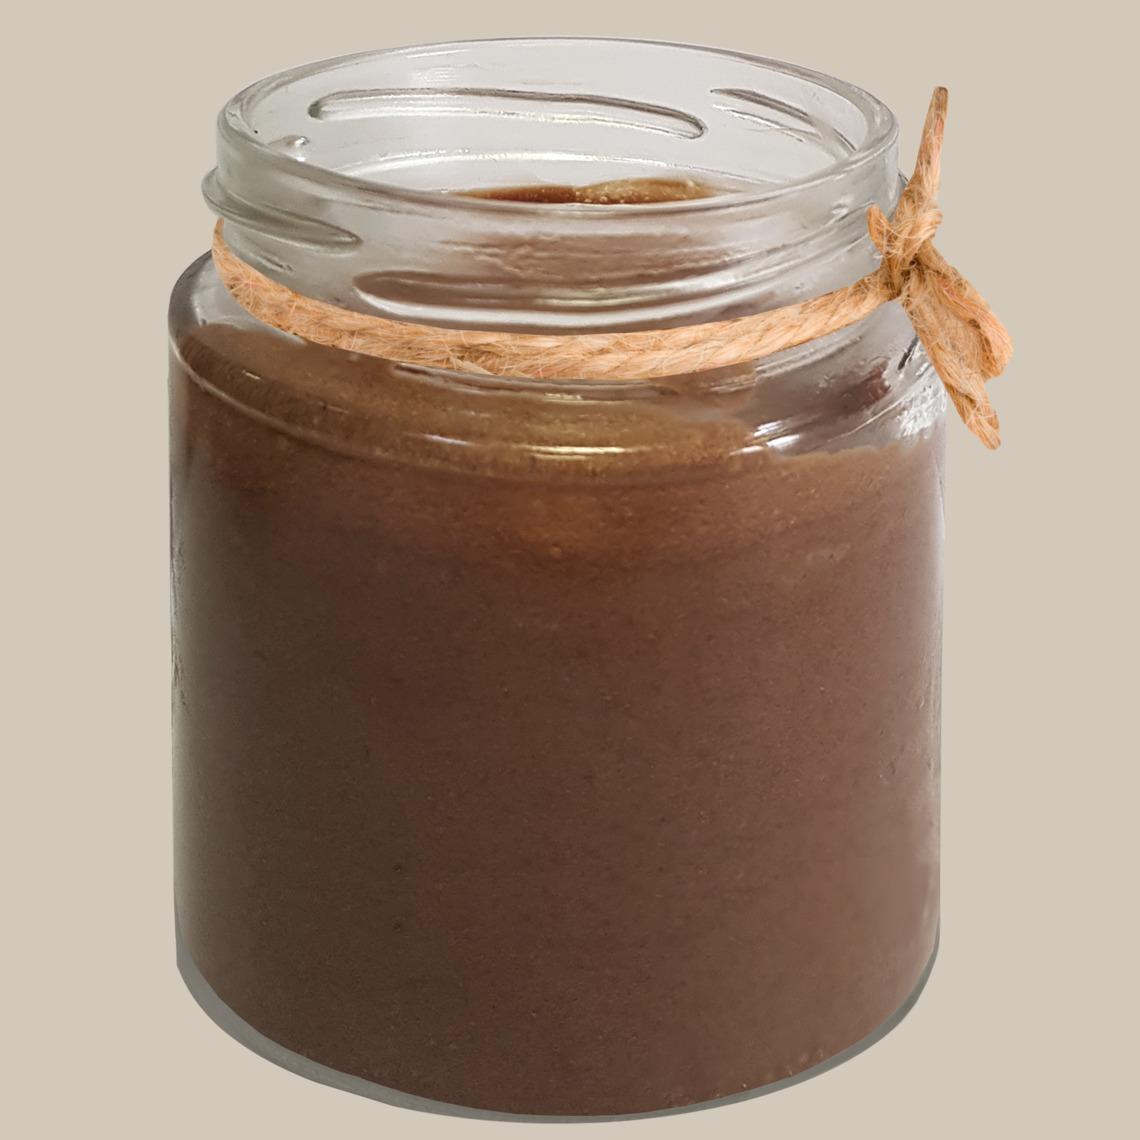 Mousse de chocolate casera